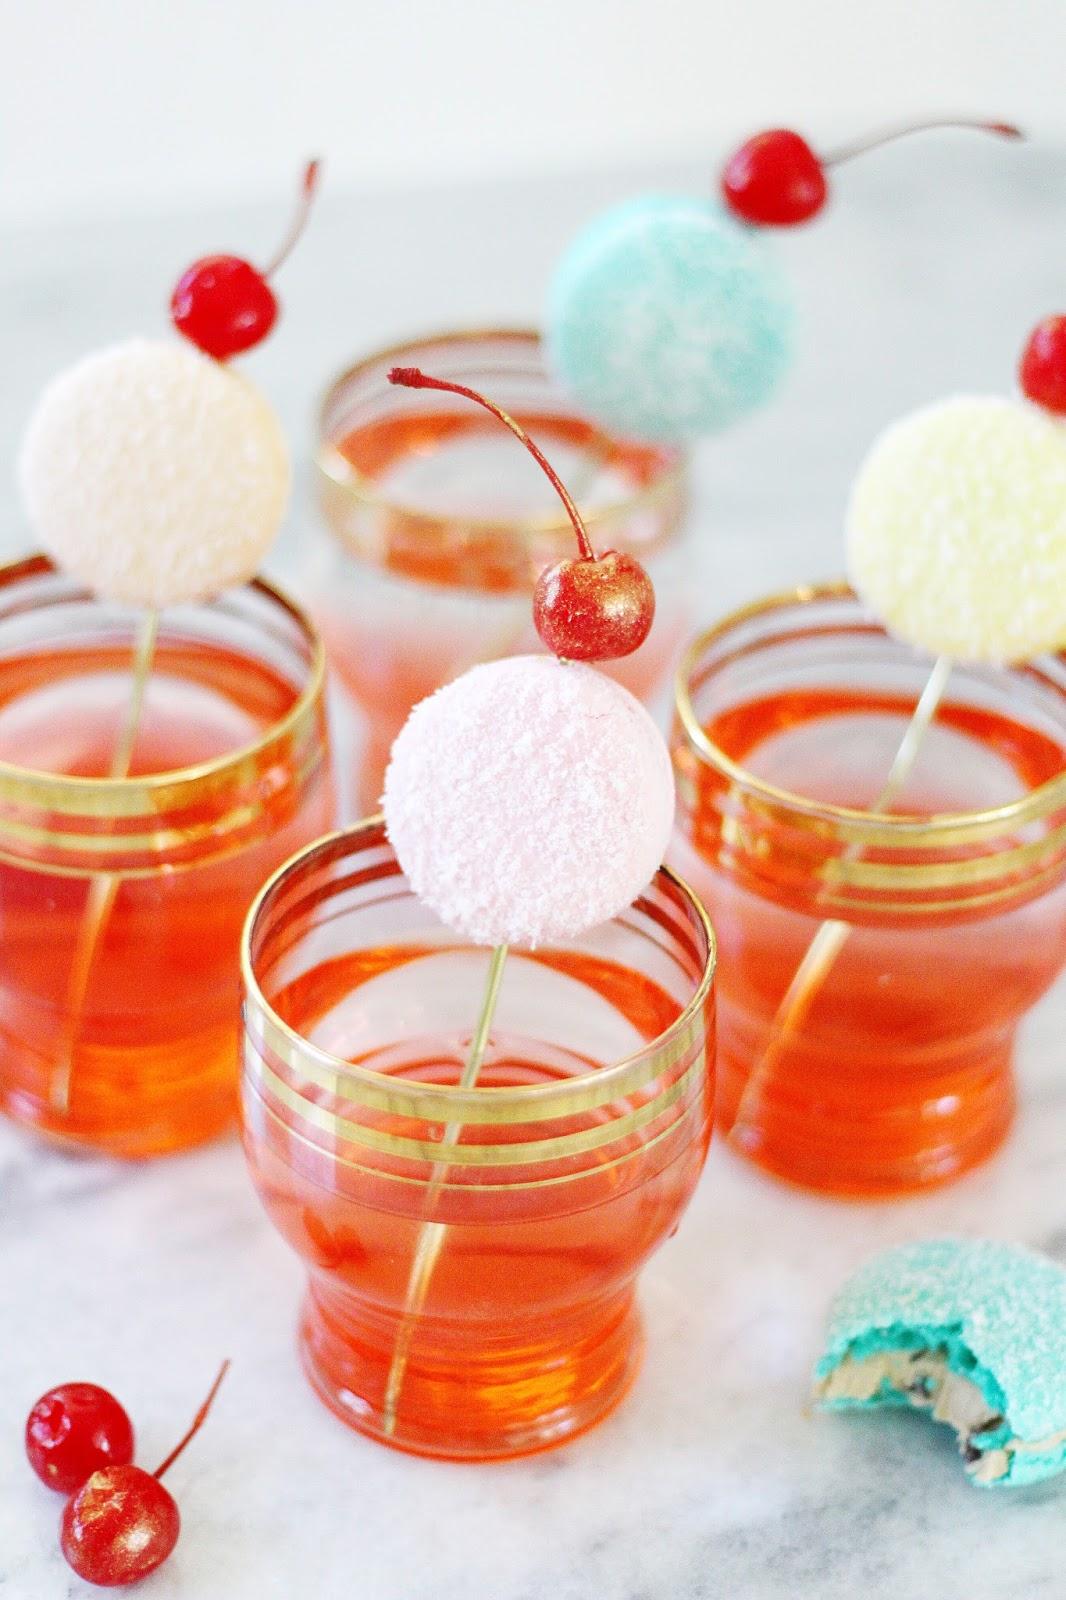 Sugarplum Shirley Cocktail